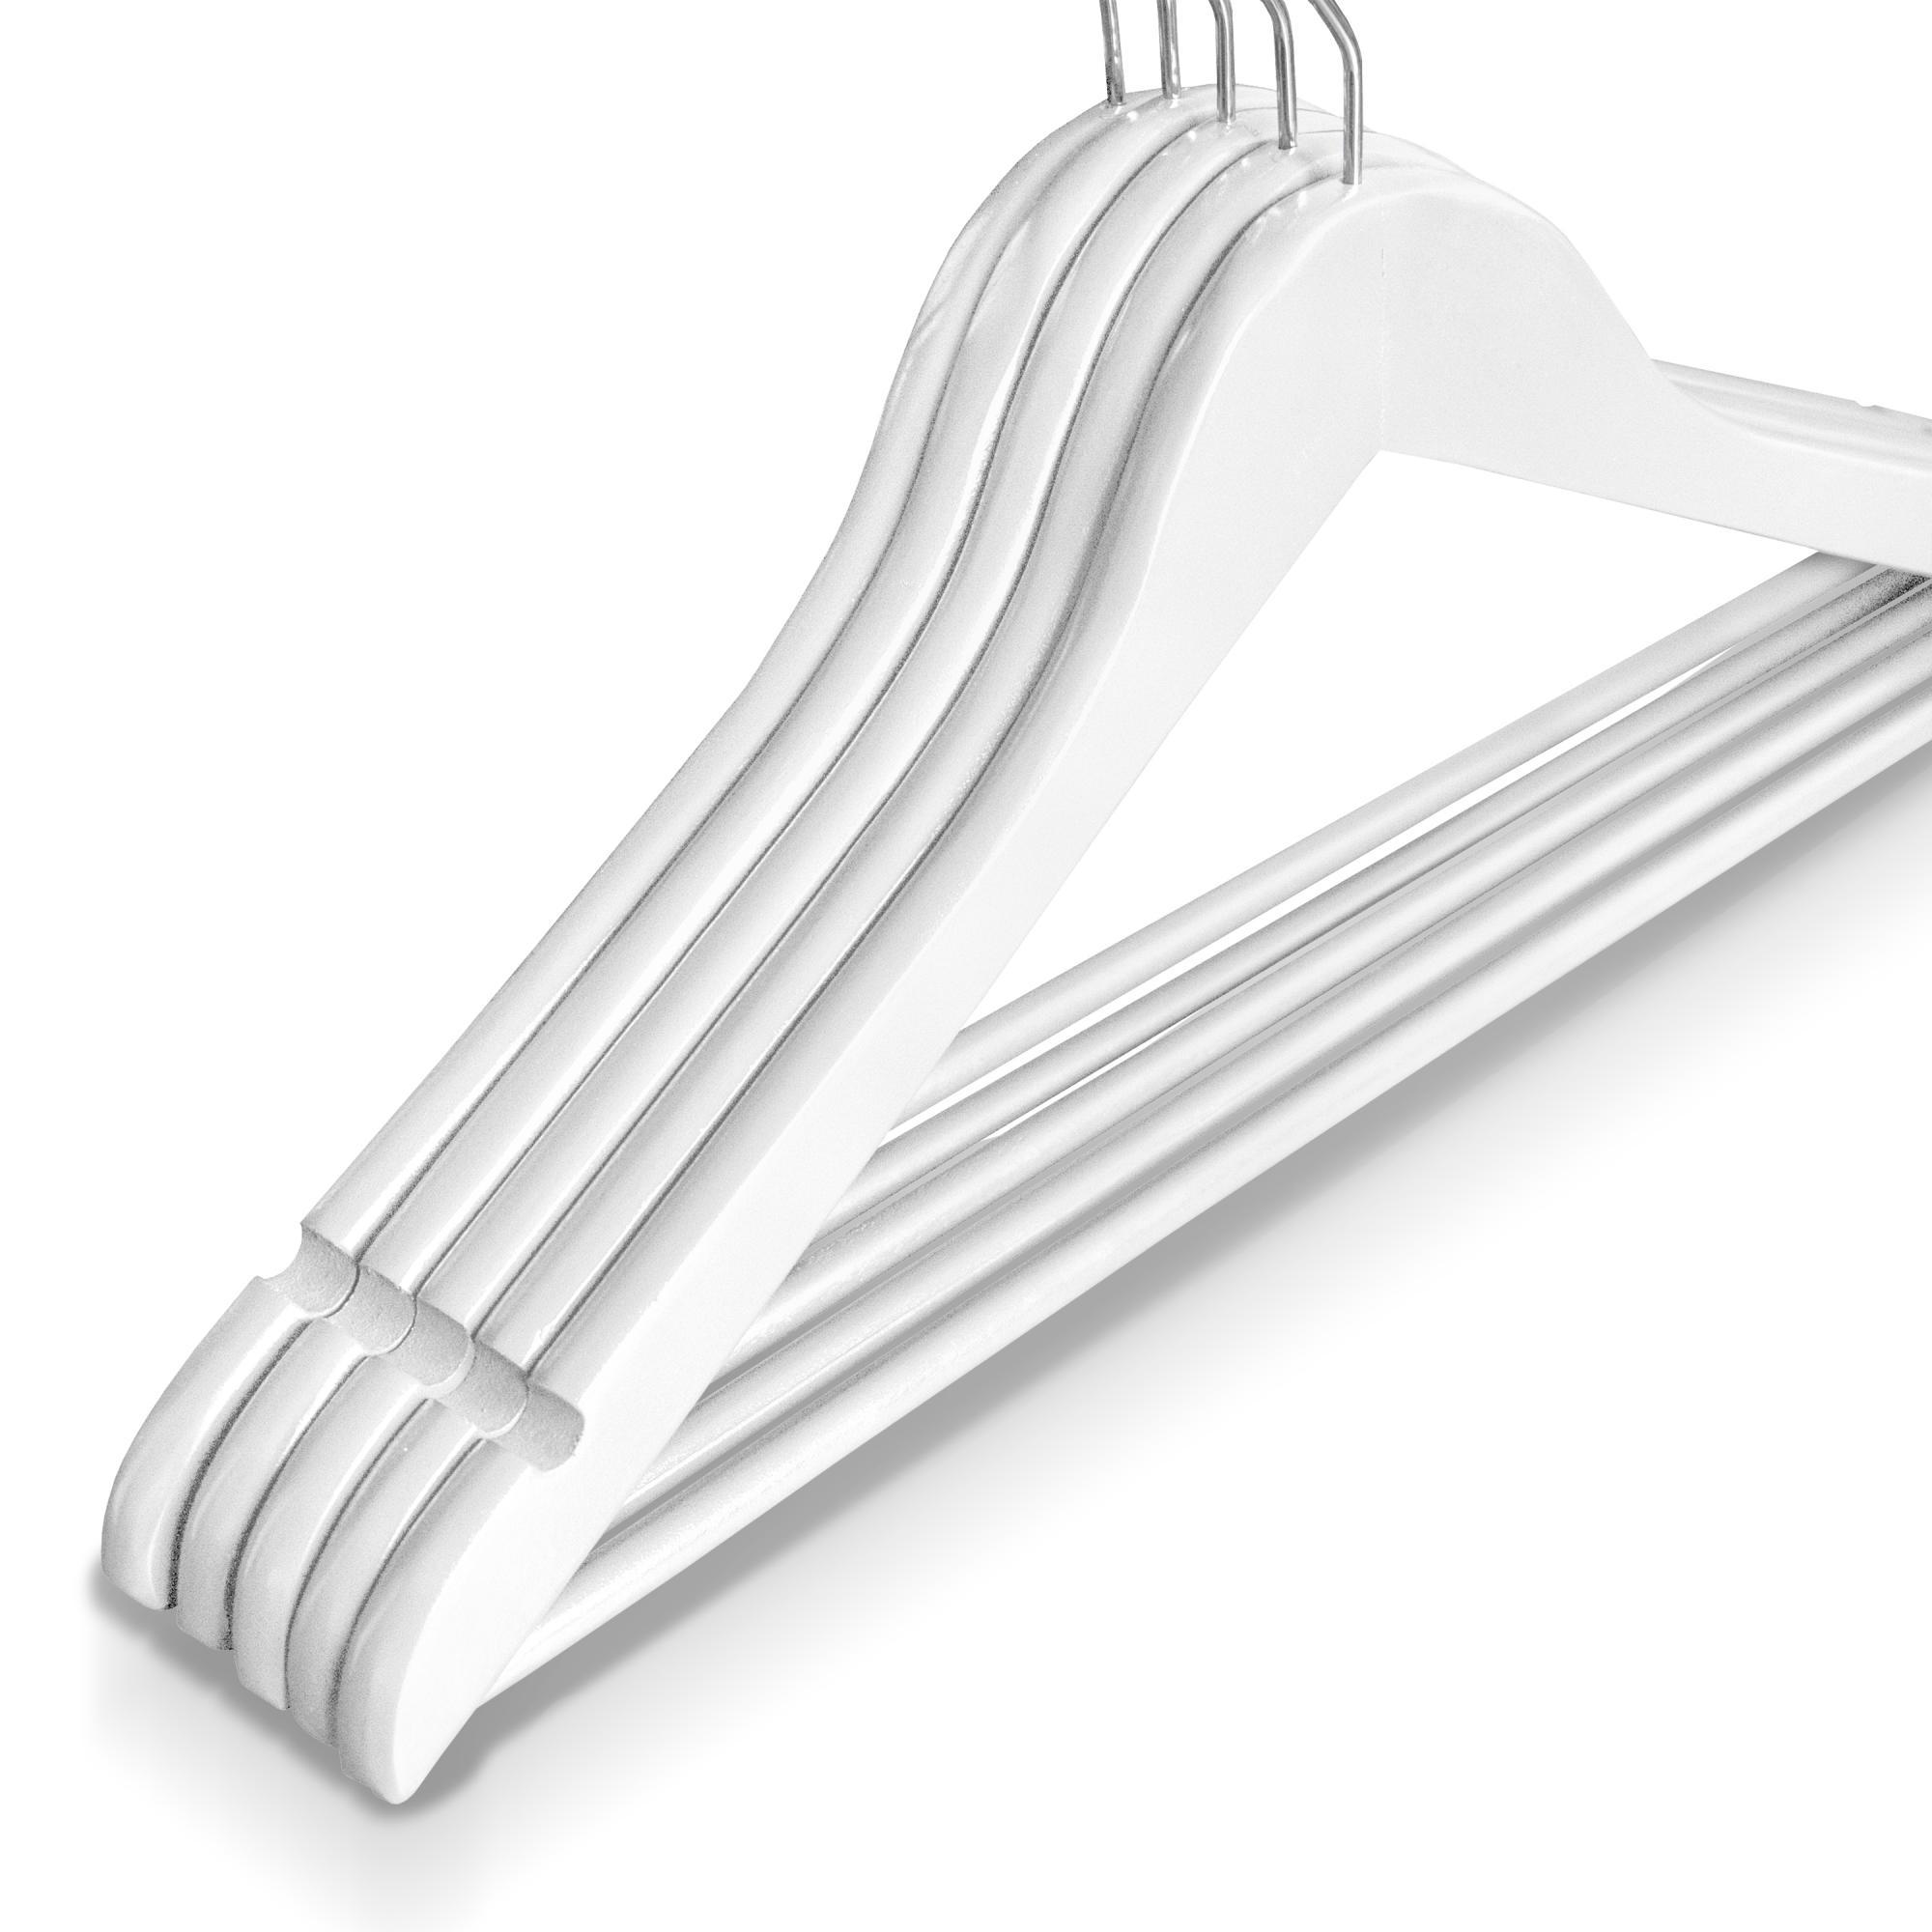 10 st ck kleiderb gel holz wei holzb gel mit hosenstange. Black Bedroom Furniture Sets. Home Design Ideas